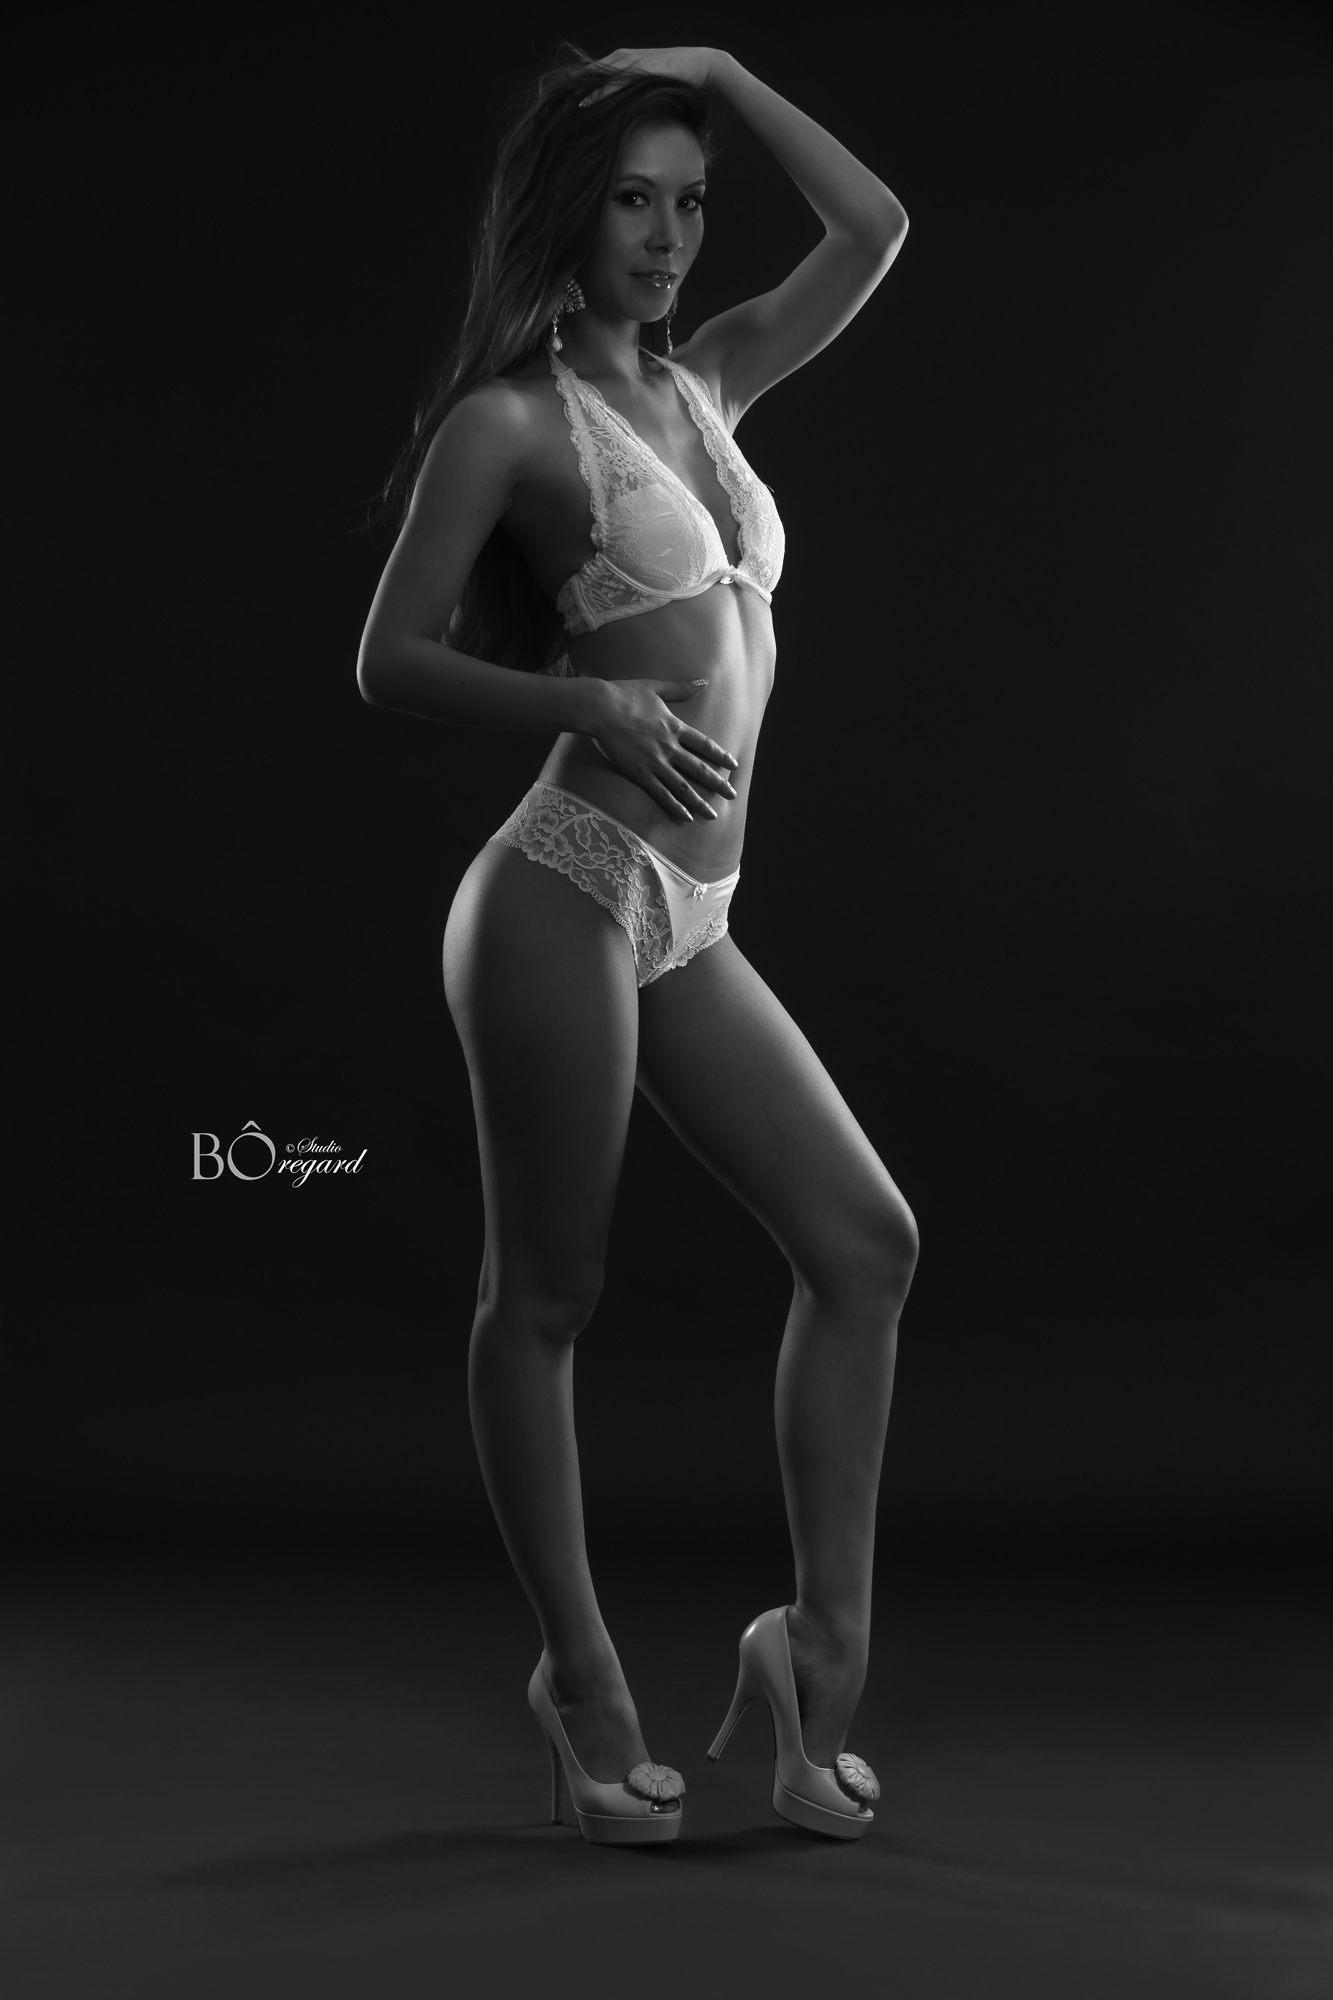 jenny suv femme genève modèle mannequin suisse maquilleuse danseuse noir blanc charme lingerie